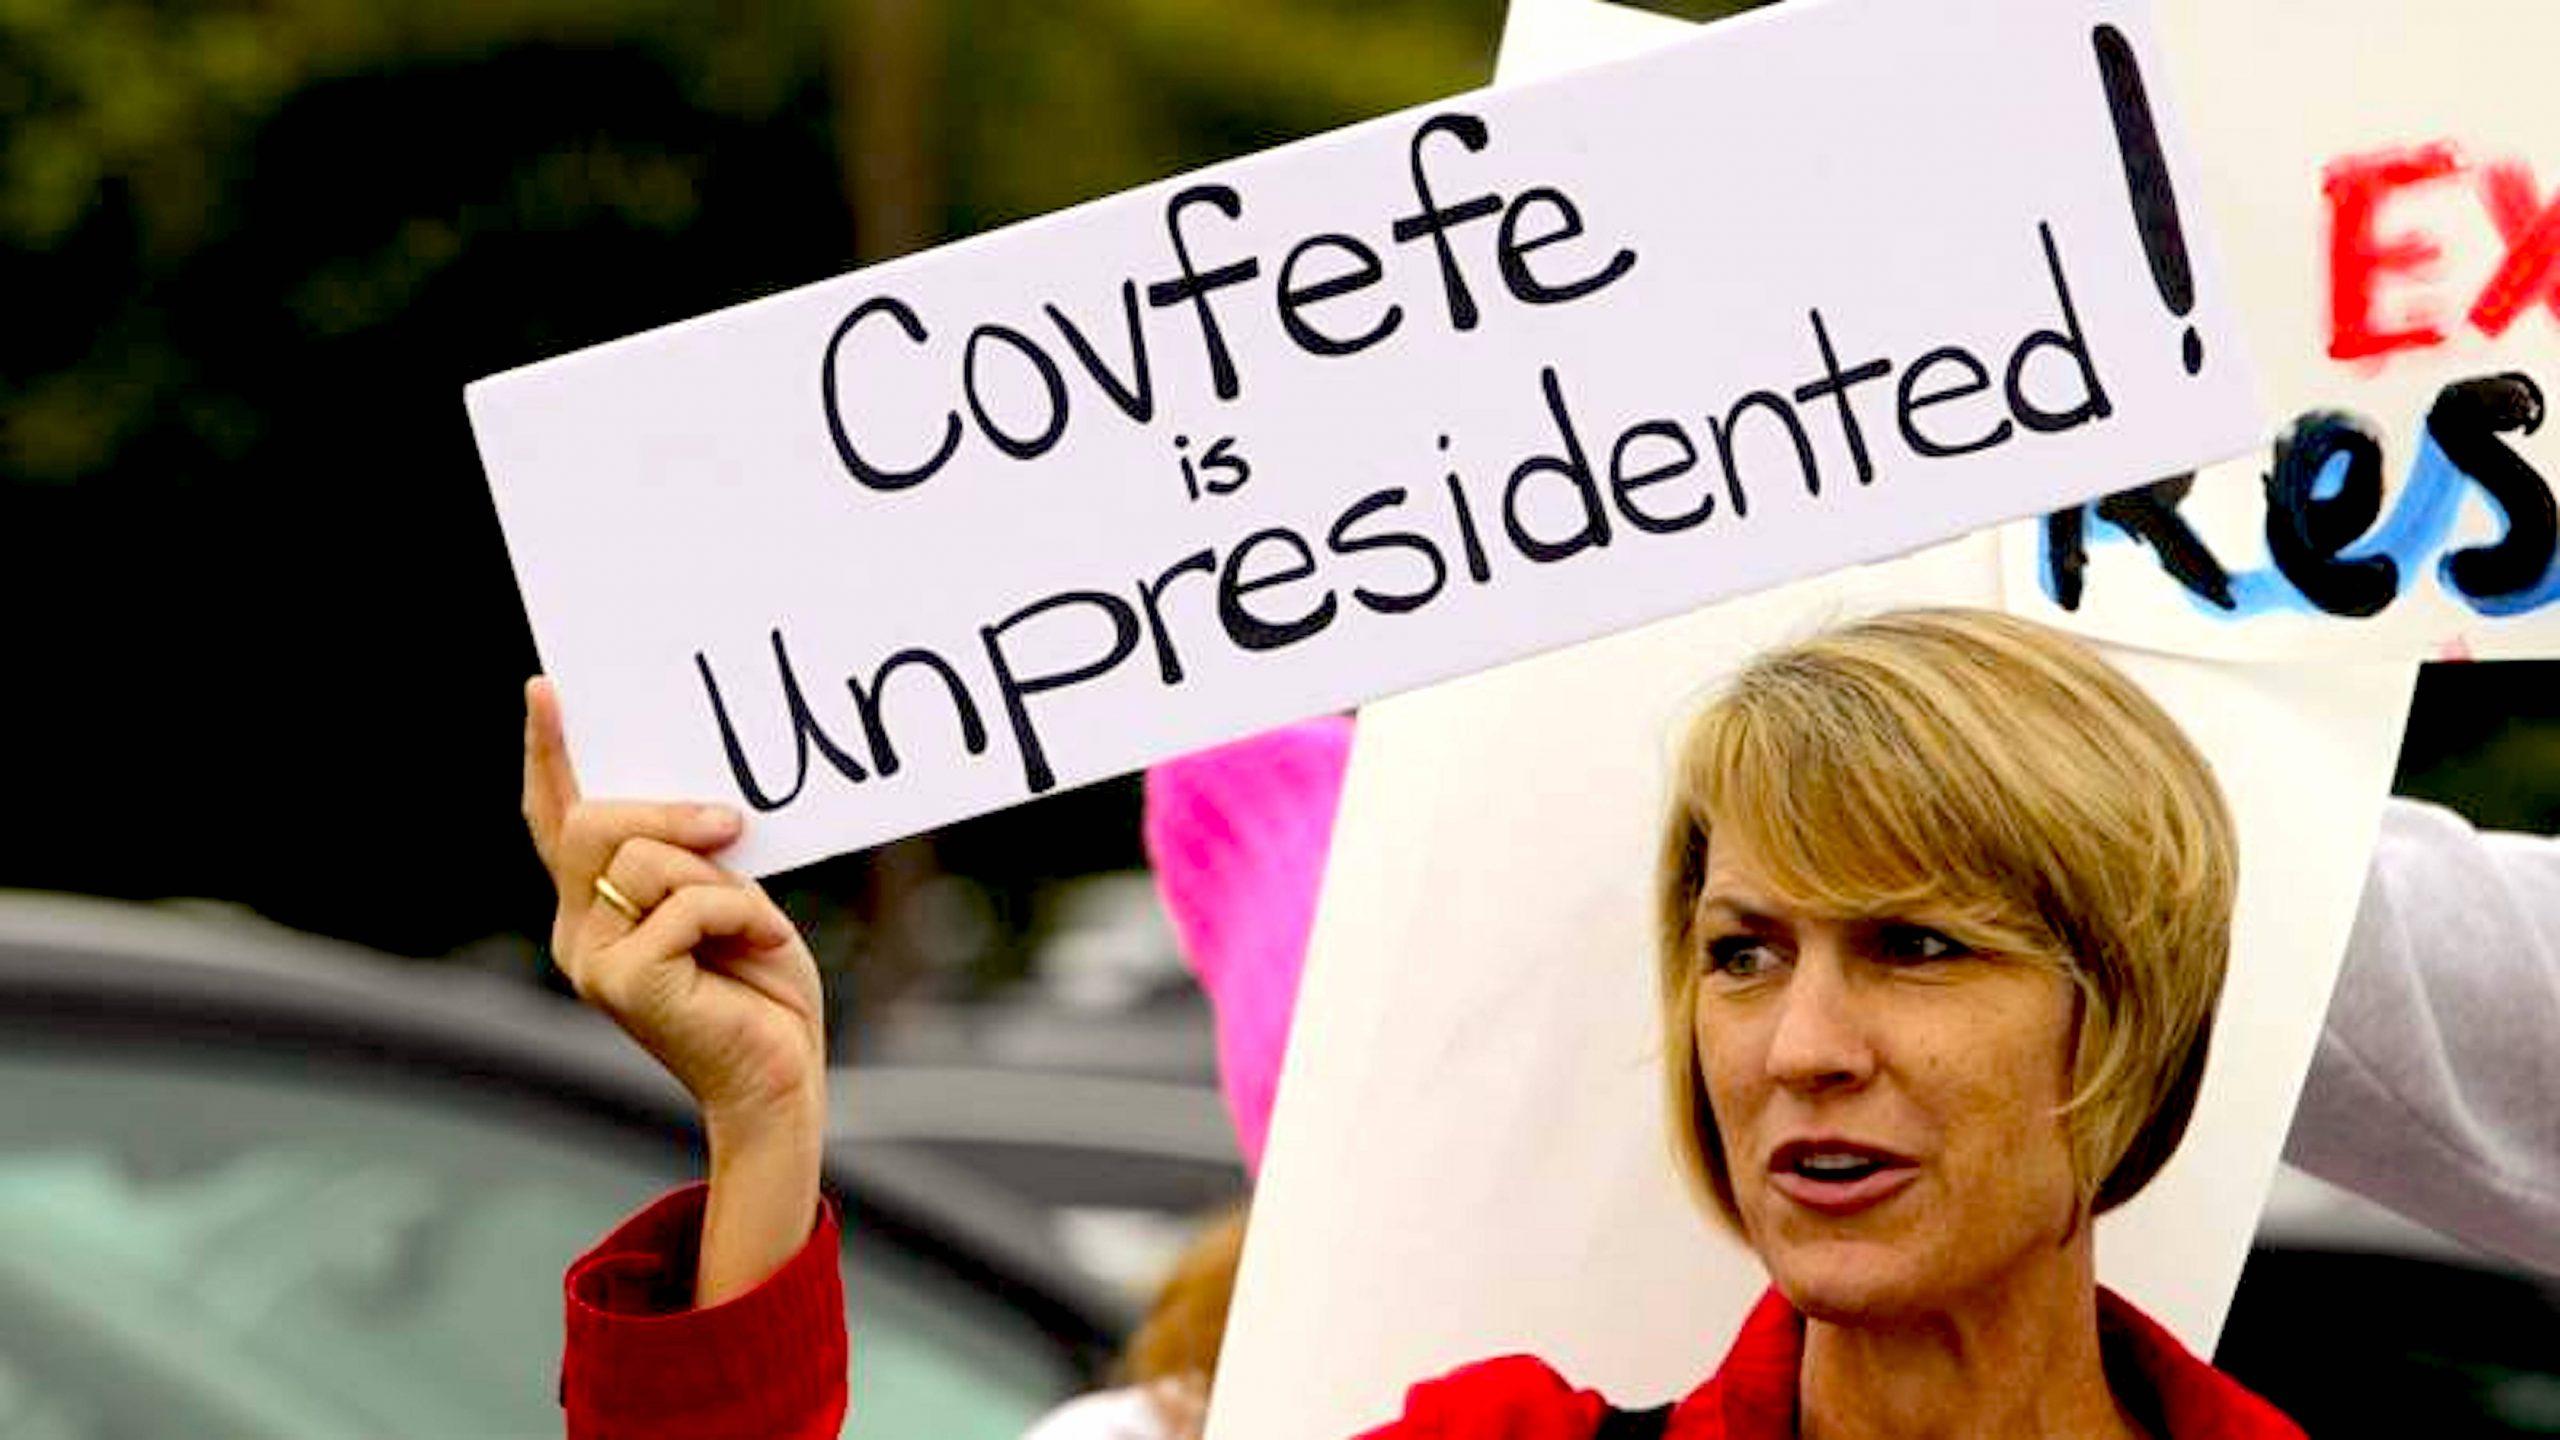 Covfefe Unpresidented (foto NOS)